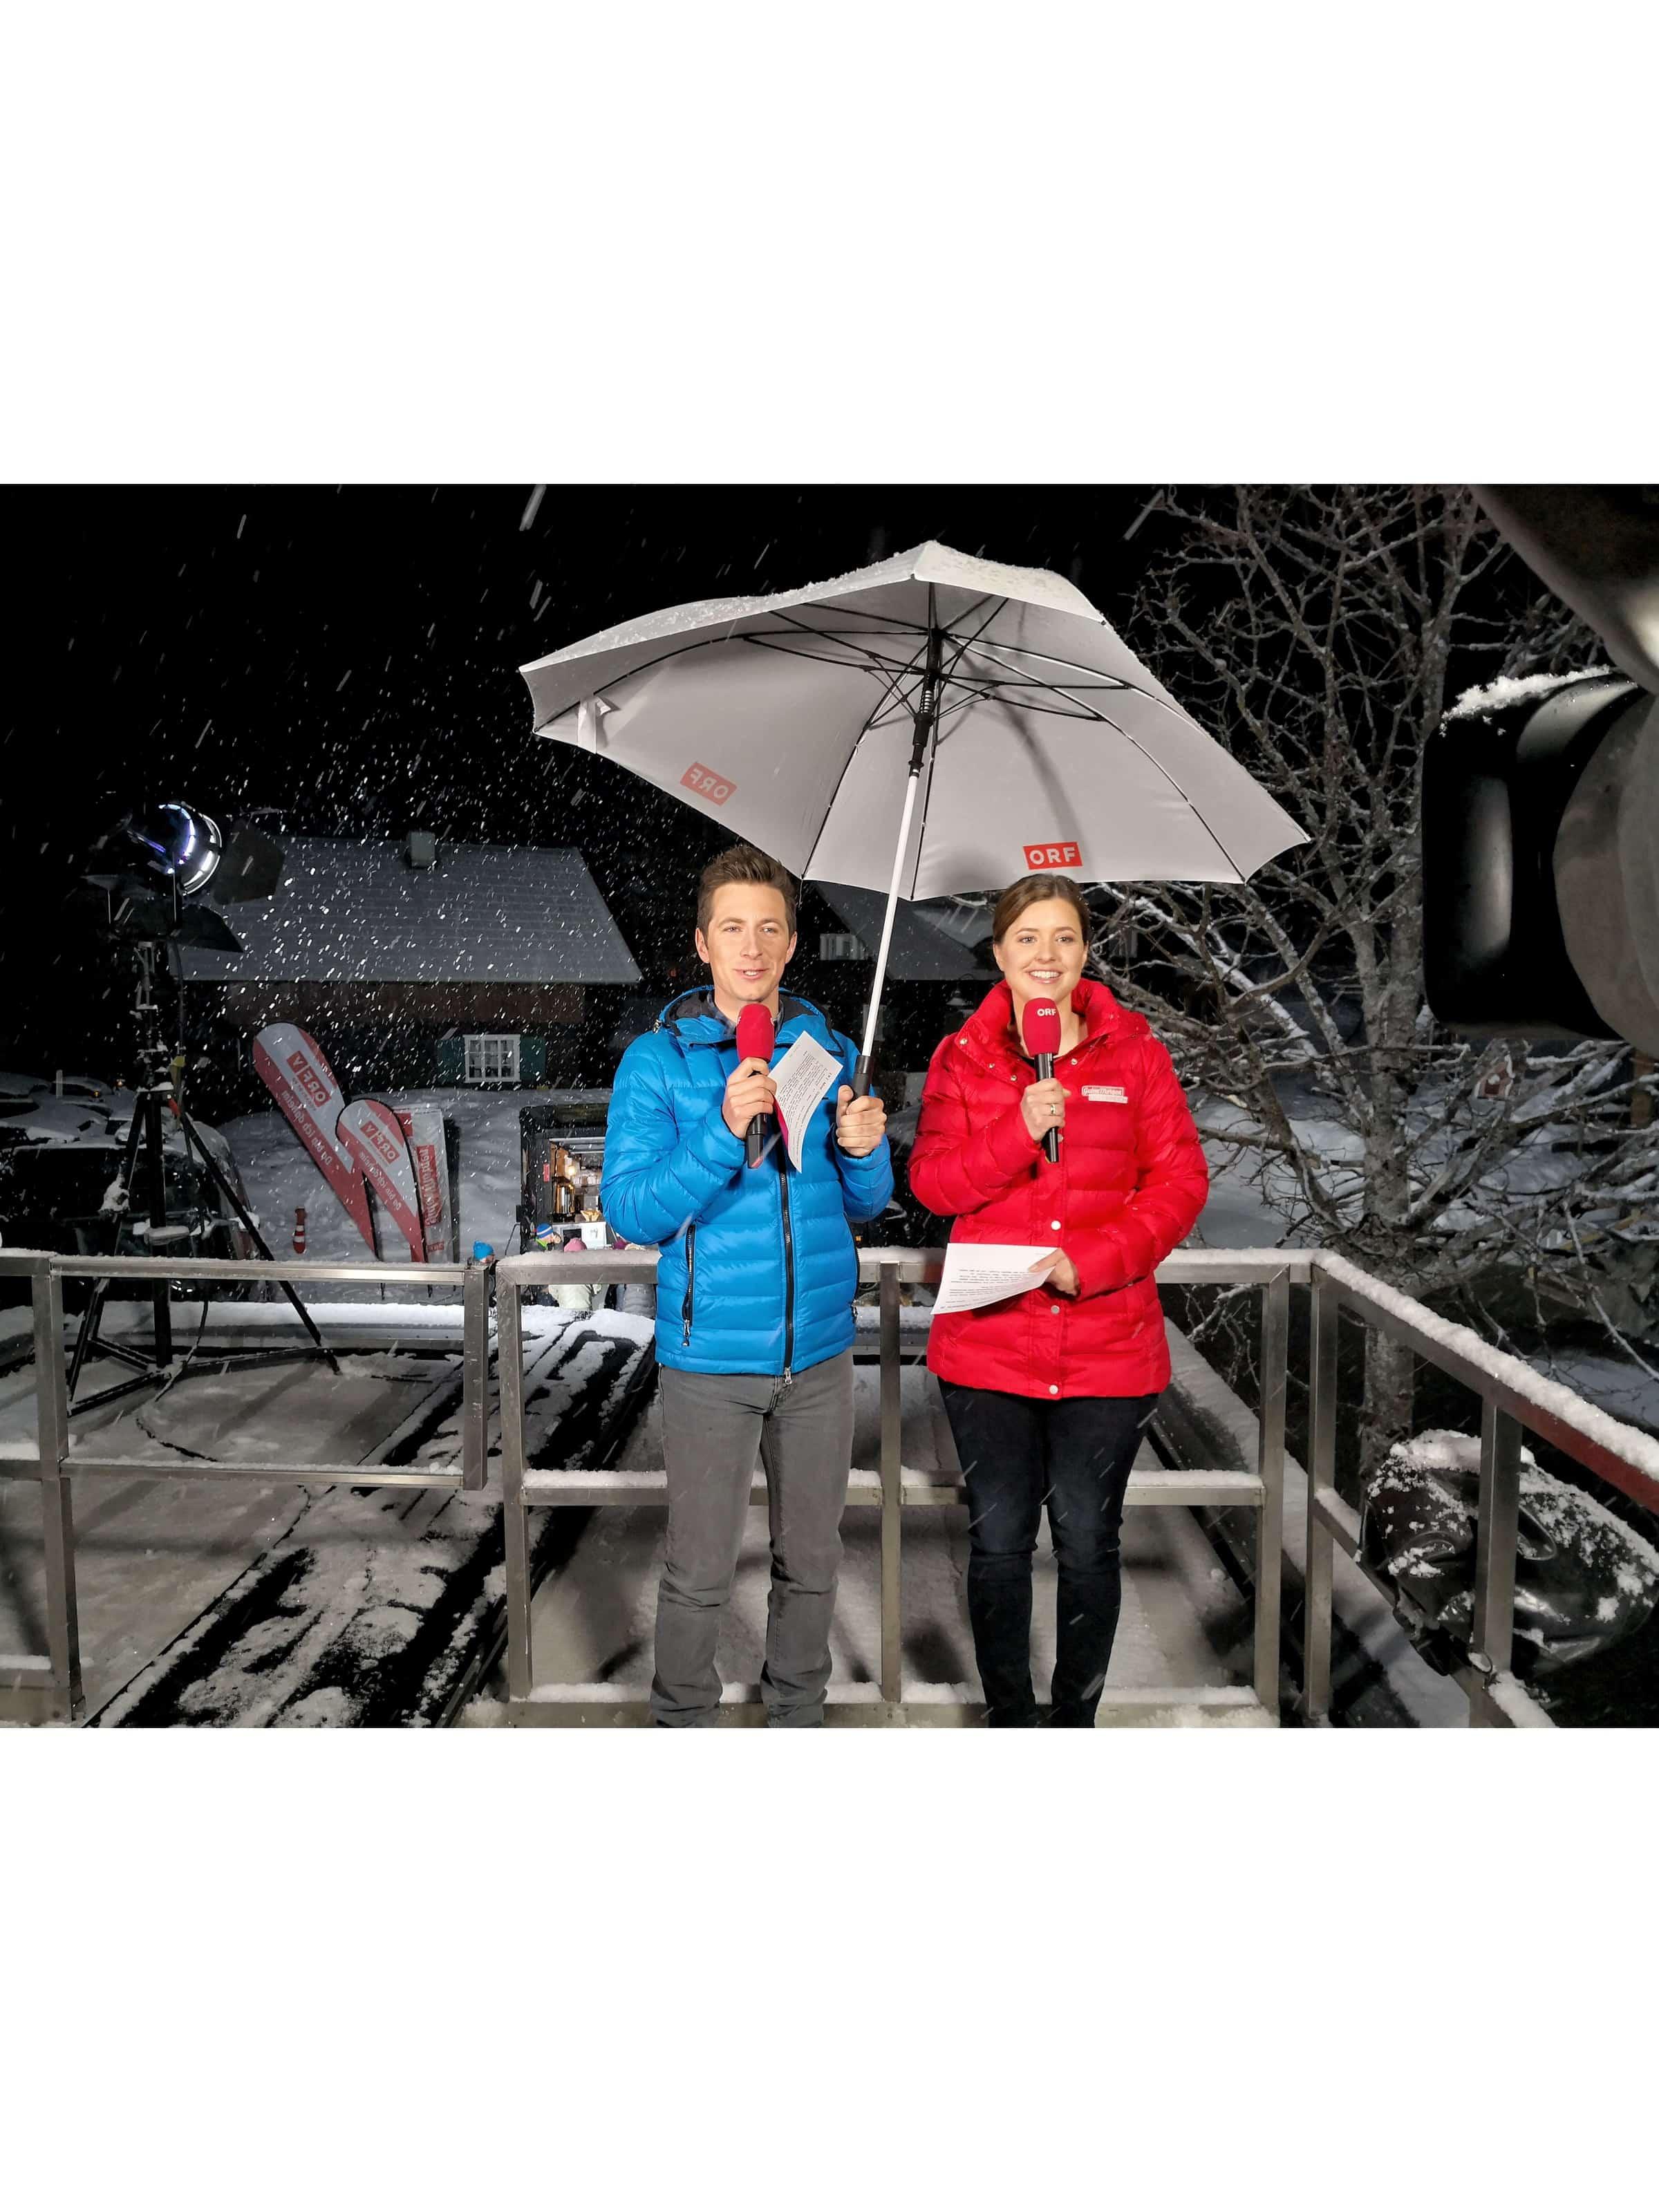 andreas felder kameramann ORF Guten Morgen Österreich ORF Daheim in Österreich 23 27.03.2018 06 29 01 - ORF Unterwegs in Österreich